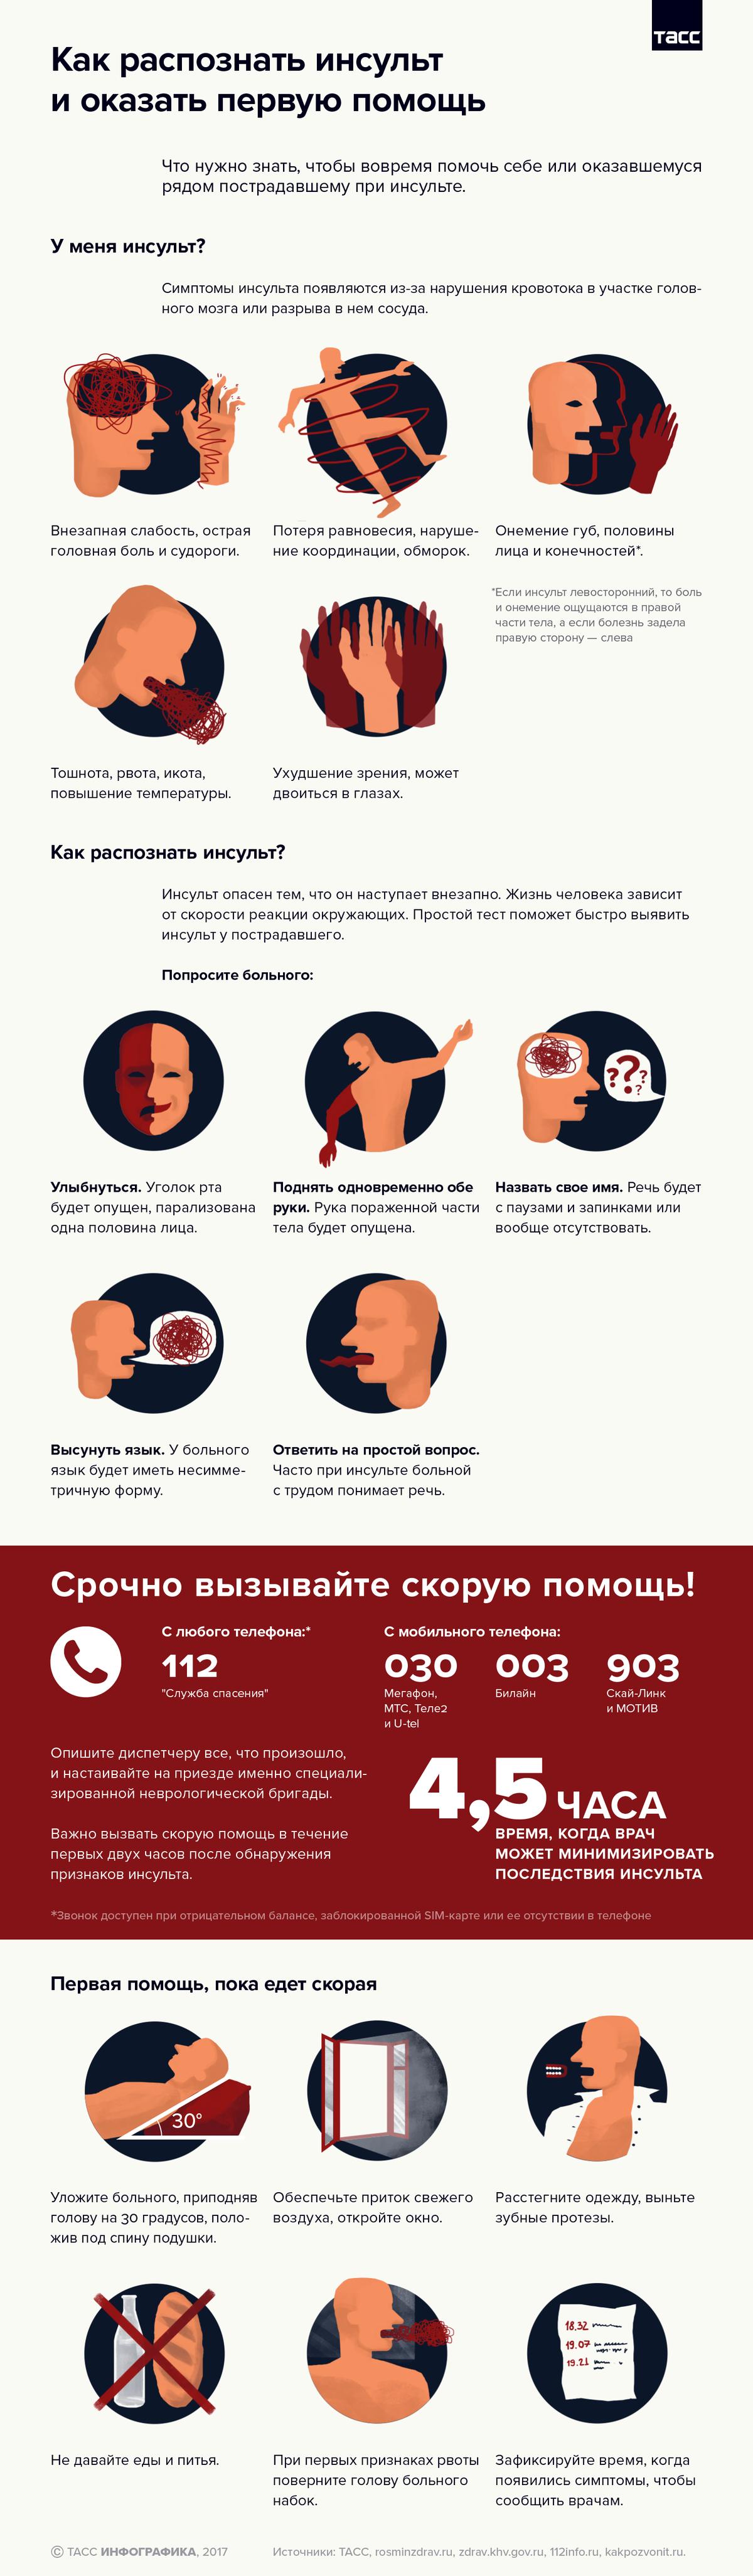 Психосоматика: инсульт